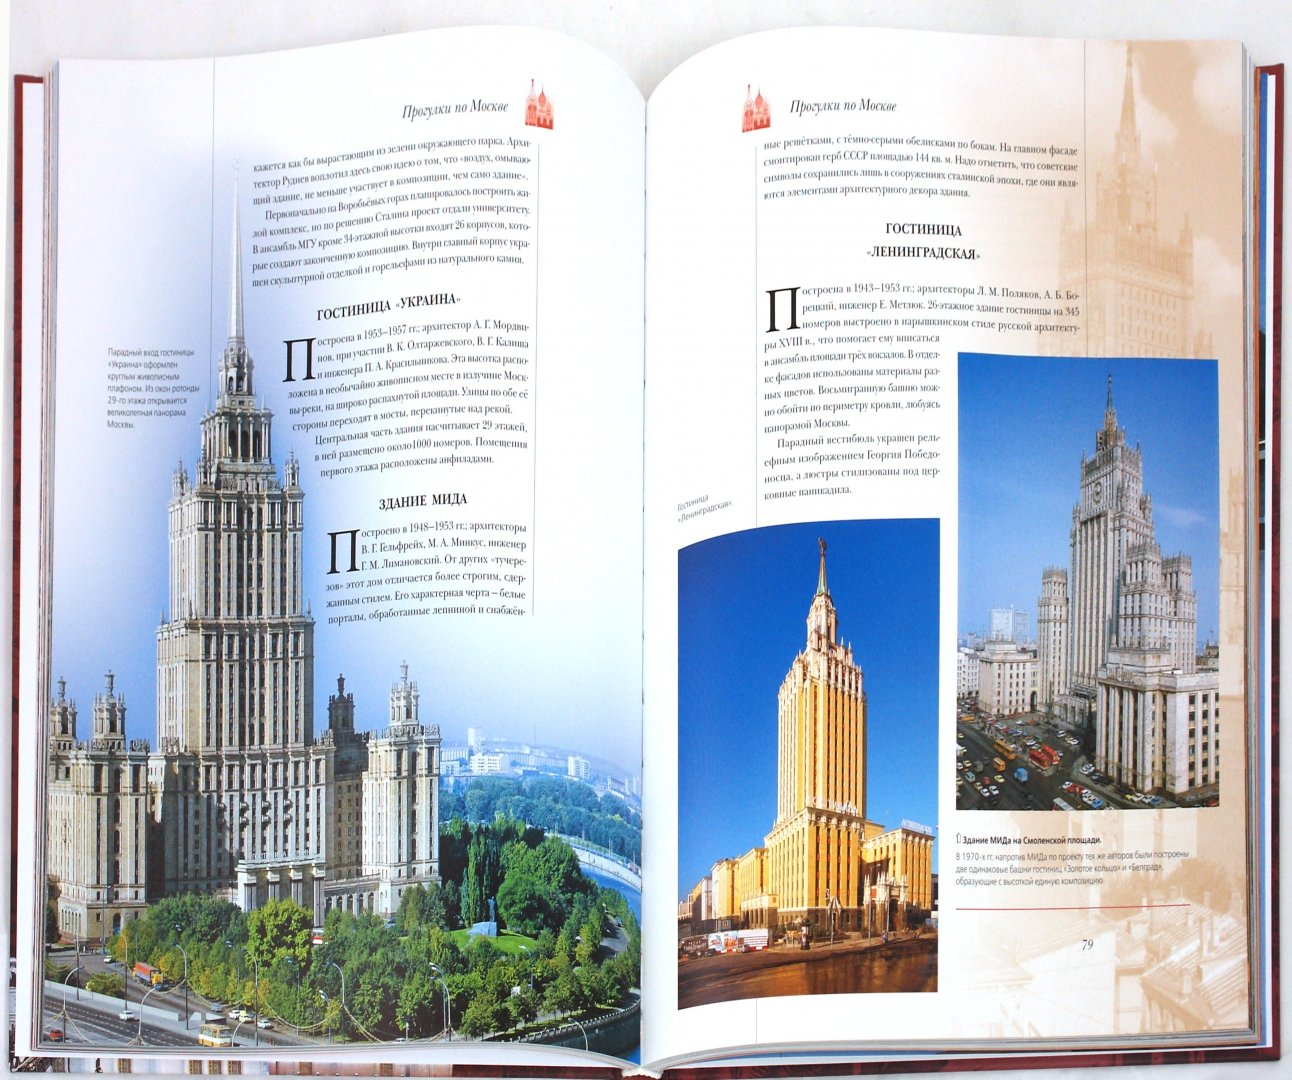 Иллюстрация 1 из 47 для Самые красивые места Москвы - Друбачевская, Литвинов, Меркина, Уколова | Лабиринт - книги. Источник: Лабиринт